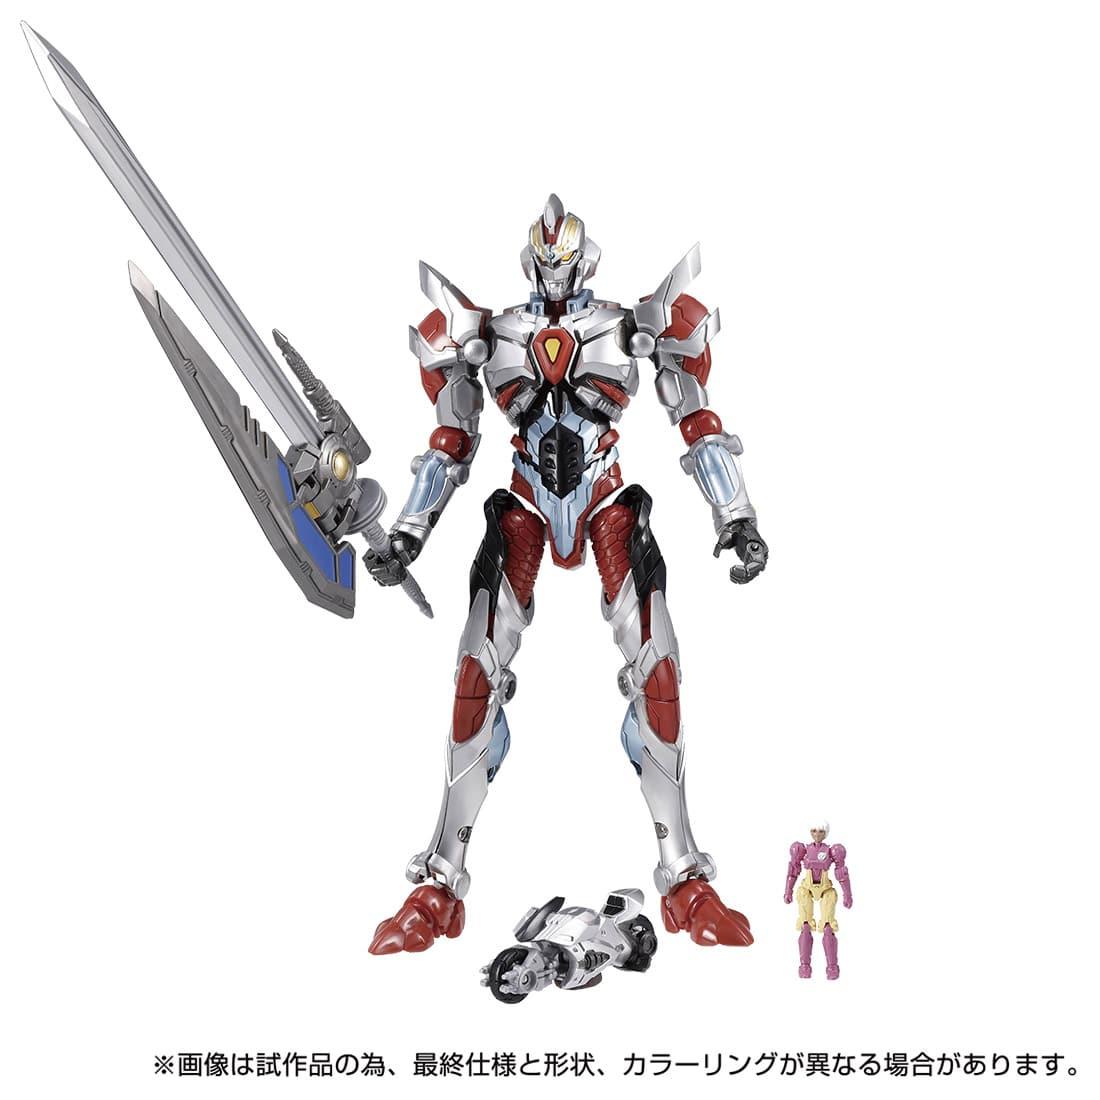 ダイアクロン / グリッドマンユニバース 02『ダイアクロンVS.グリッドマン Ver』可動フィギュア-001